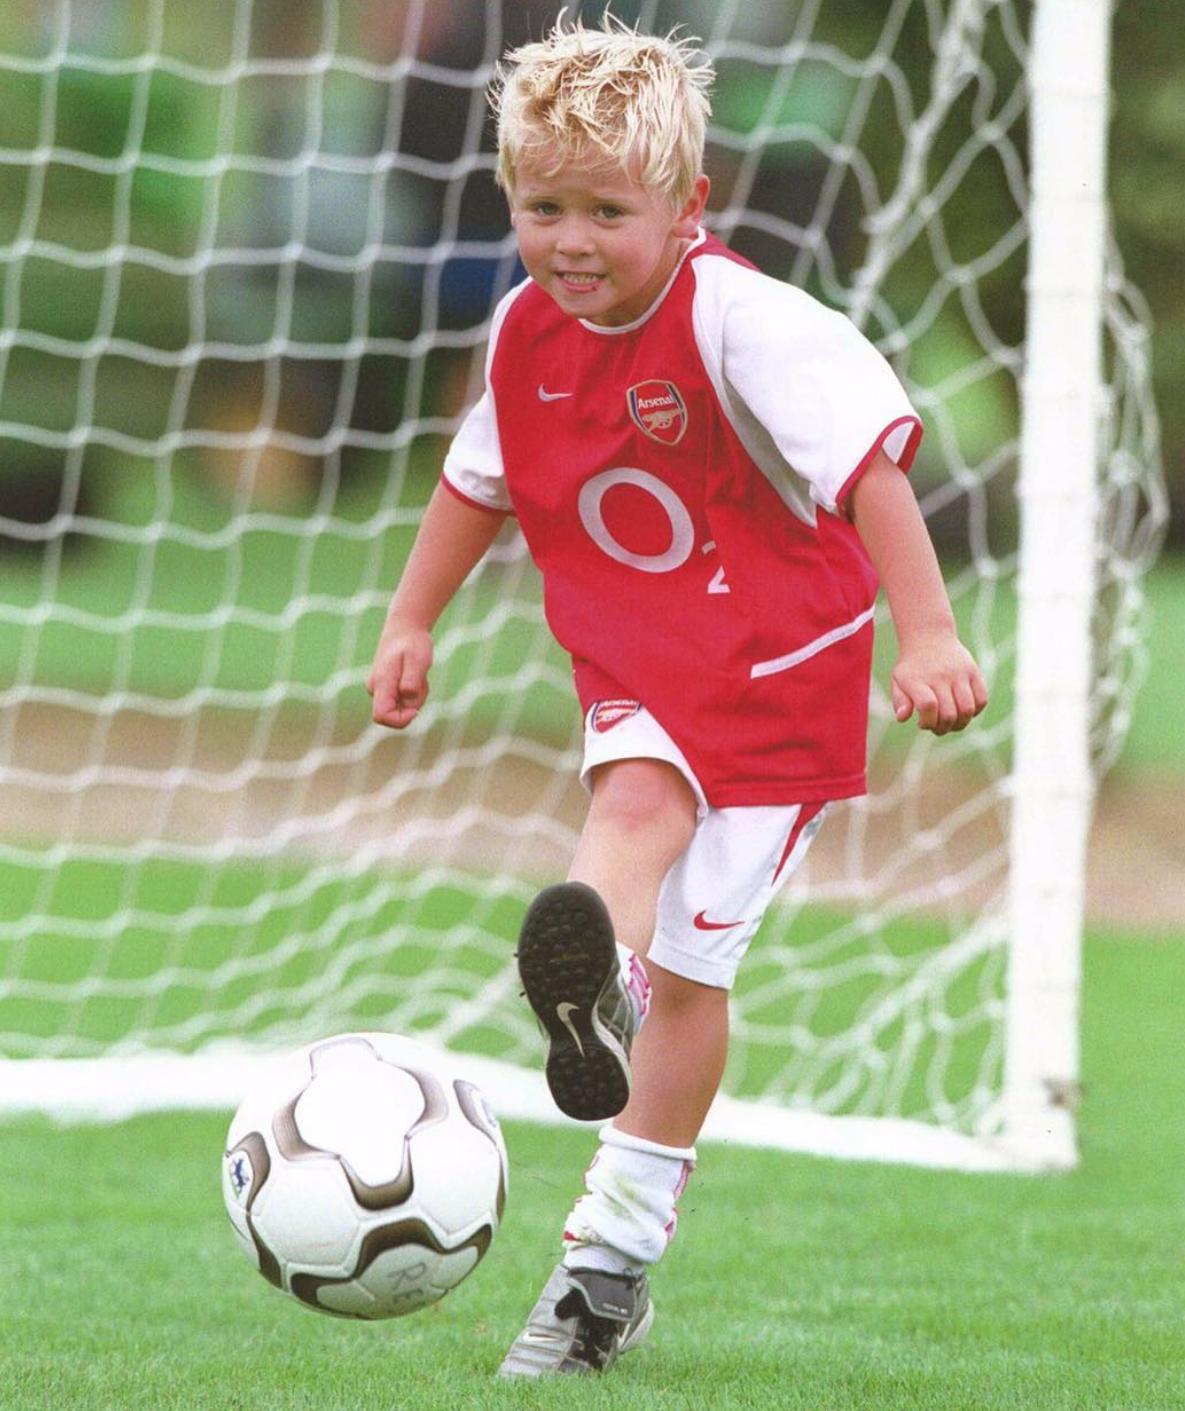 Mitchel Bergkamp đã chọn tiếp nối con đường mà bố của cậu đã đi: trở thành cầu thủ chuyên nghiệp